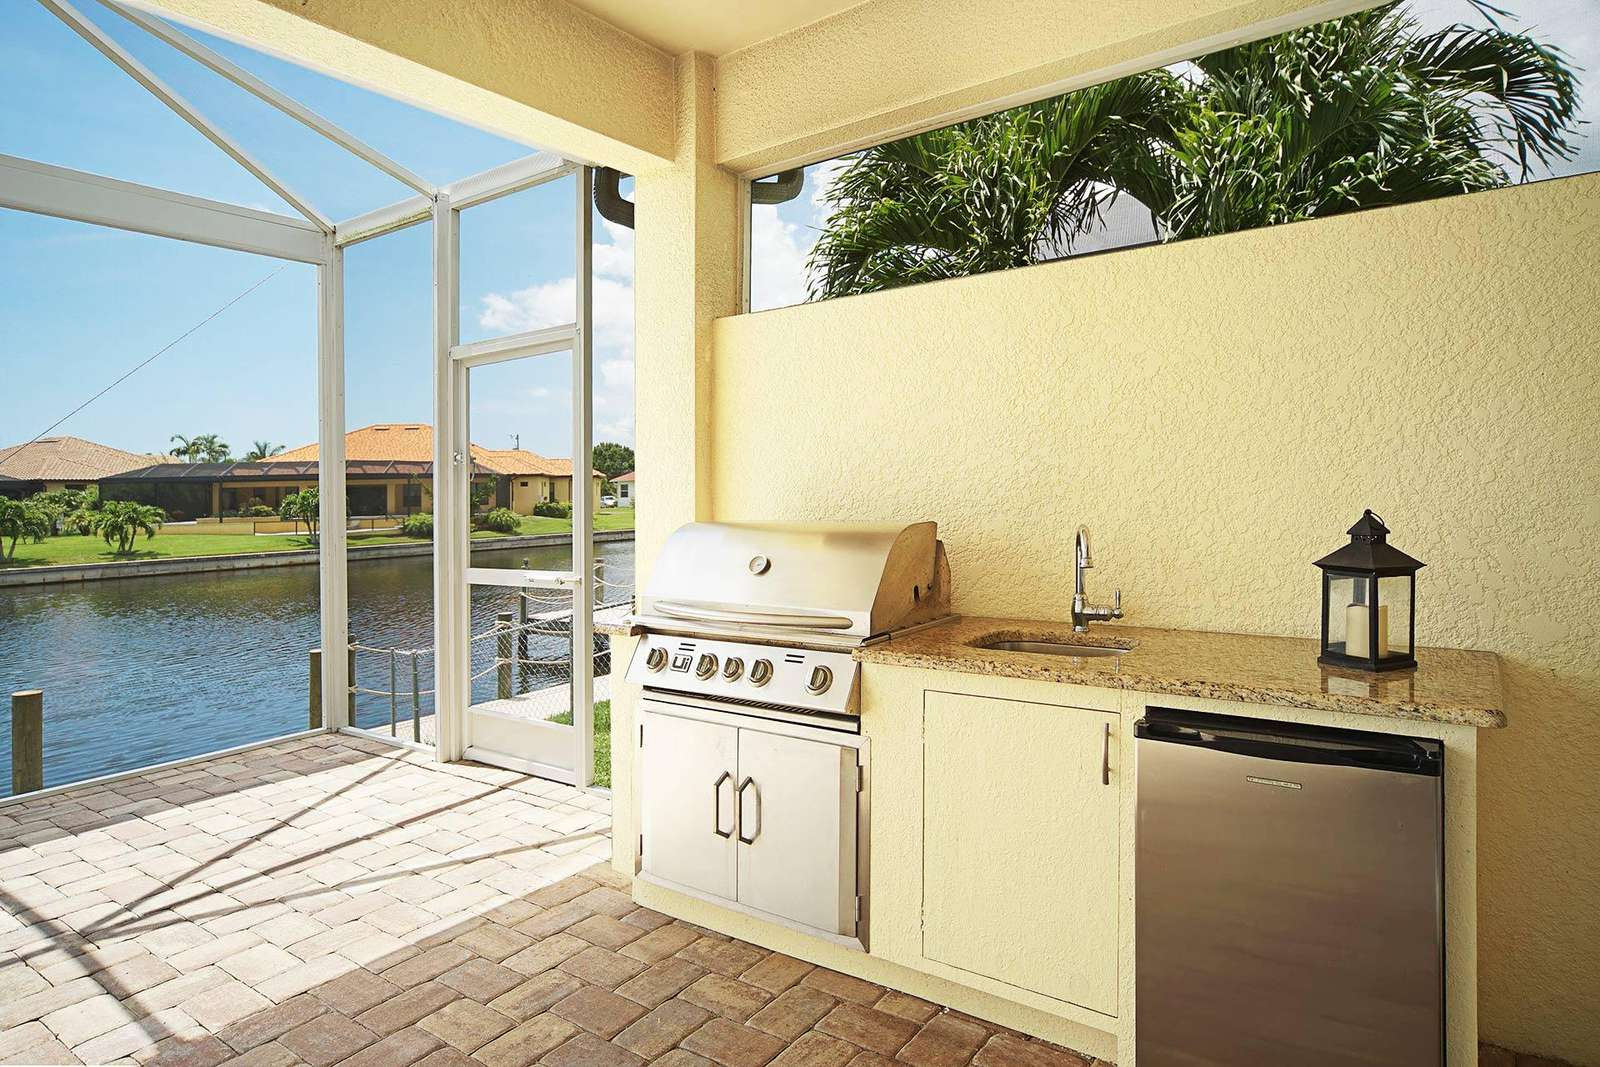 Wischis Florida Home - Ferienhaus Cape Coral - Hausverwaltung - Immobilien